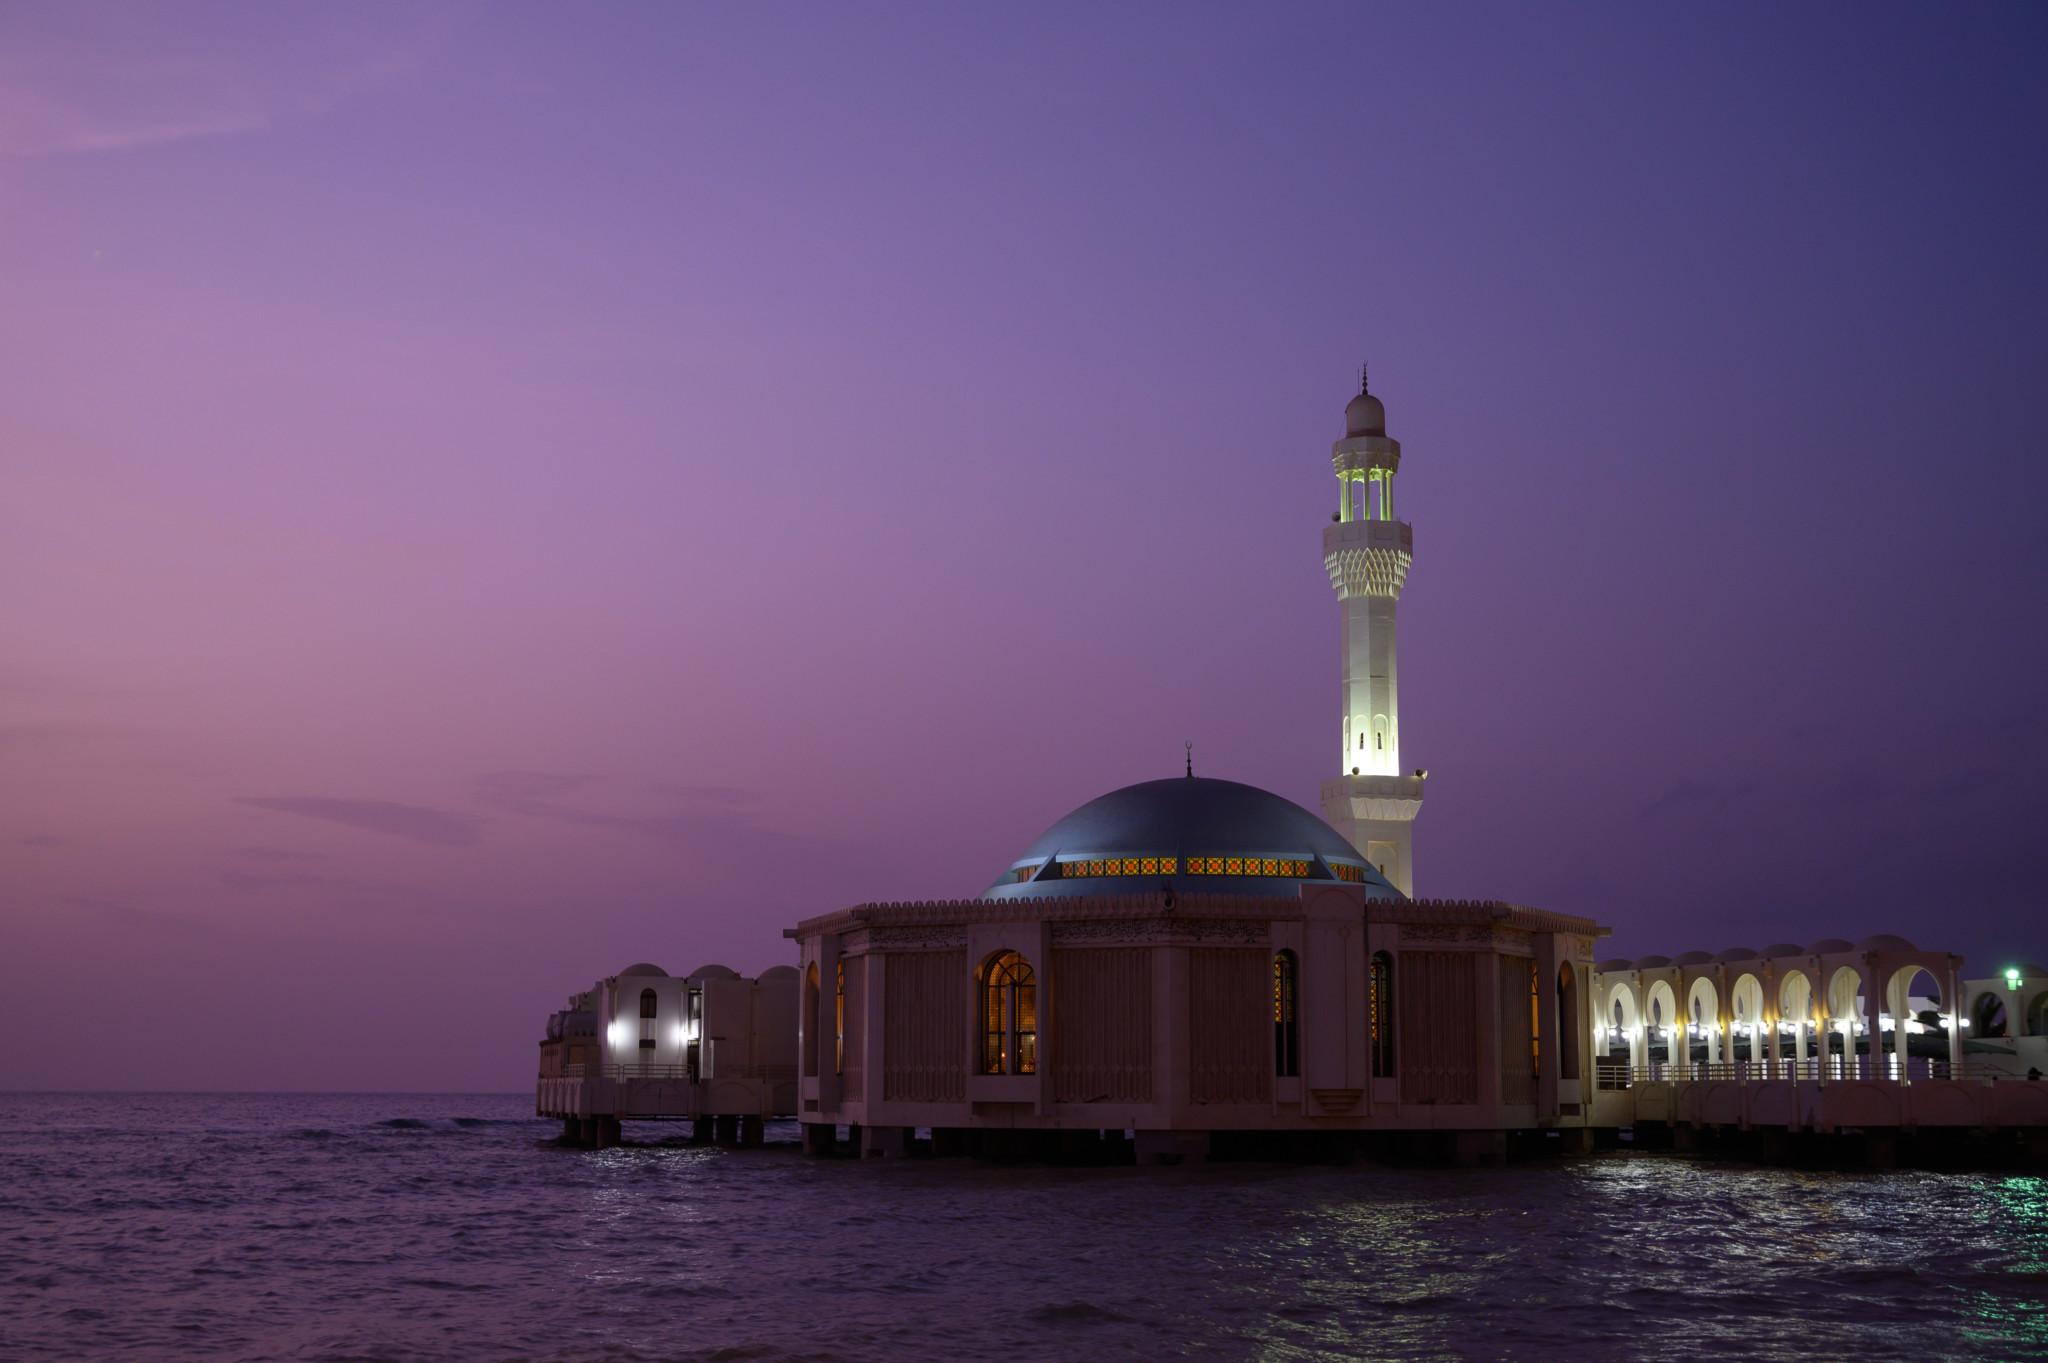 Die Floating Mosque ist in Jeddah schon lange kein Geheimtipp mehr